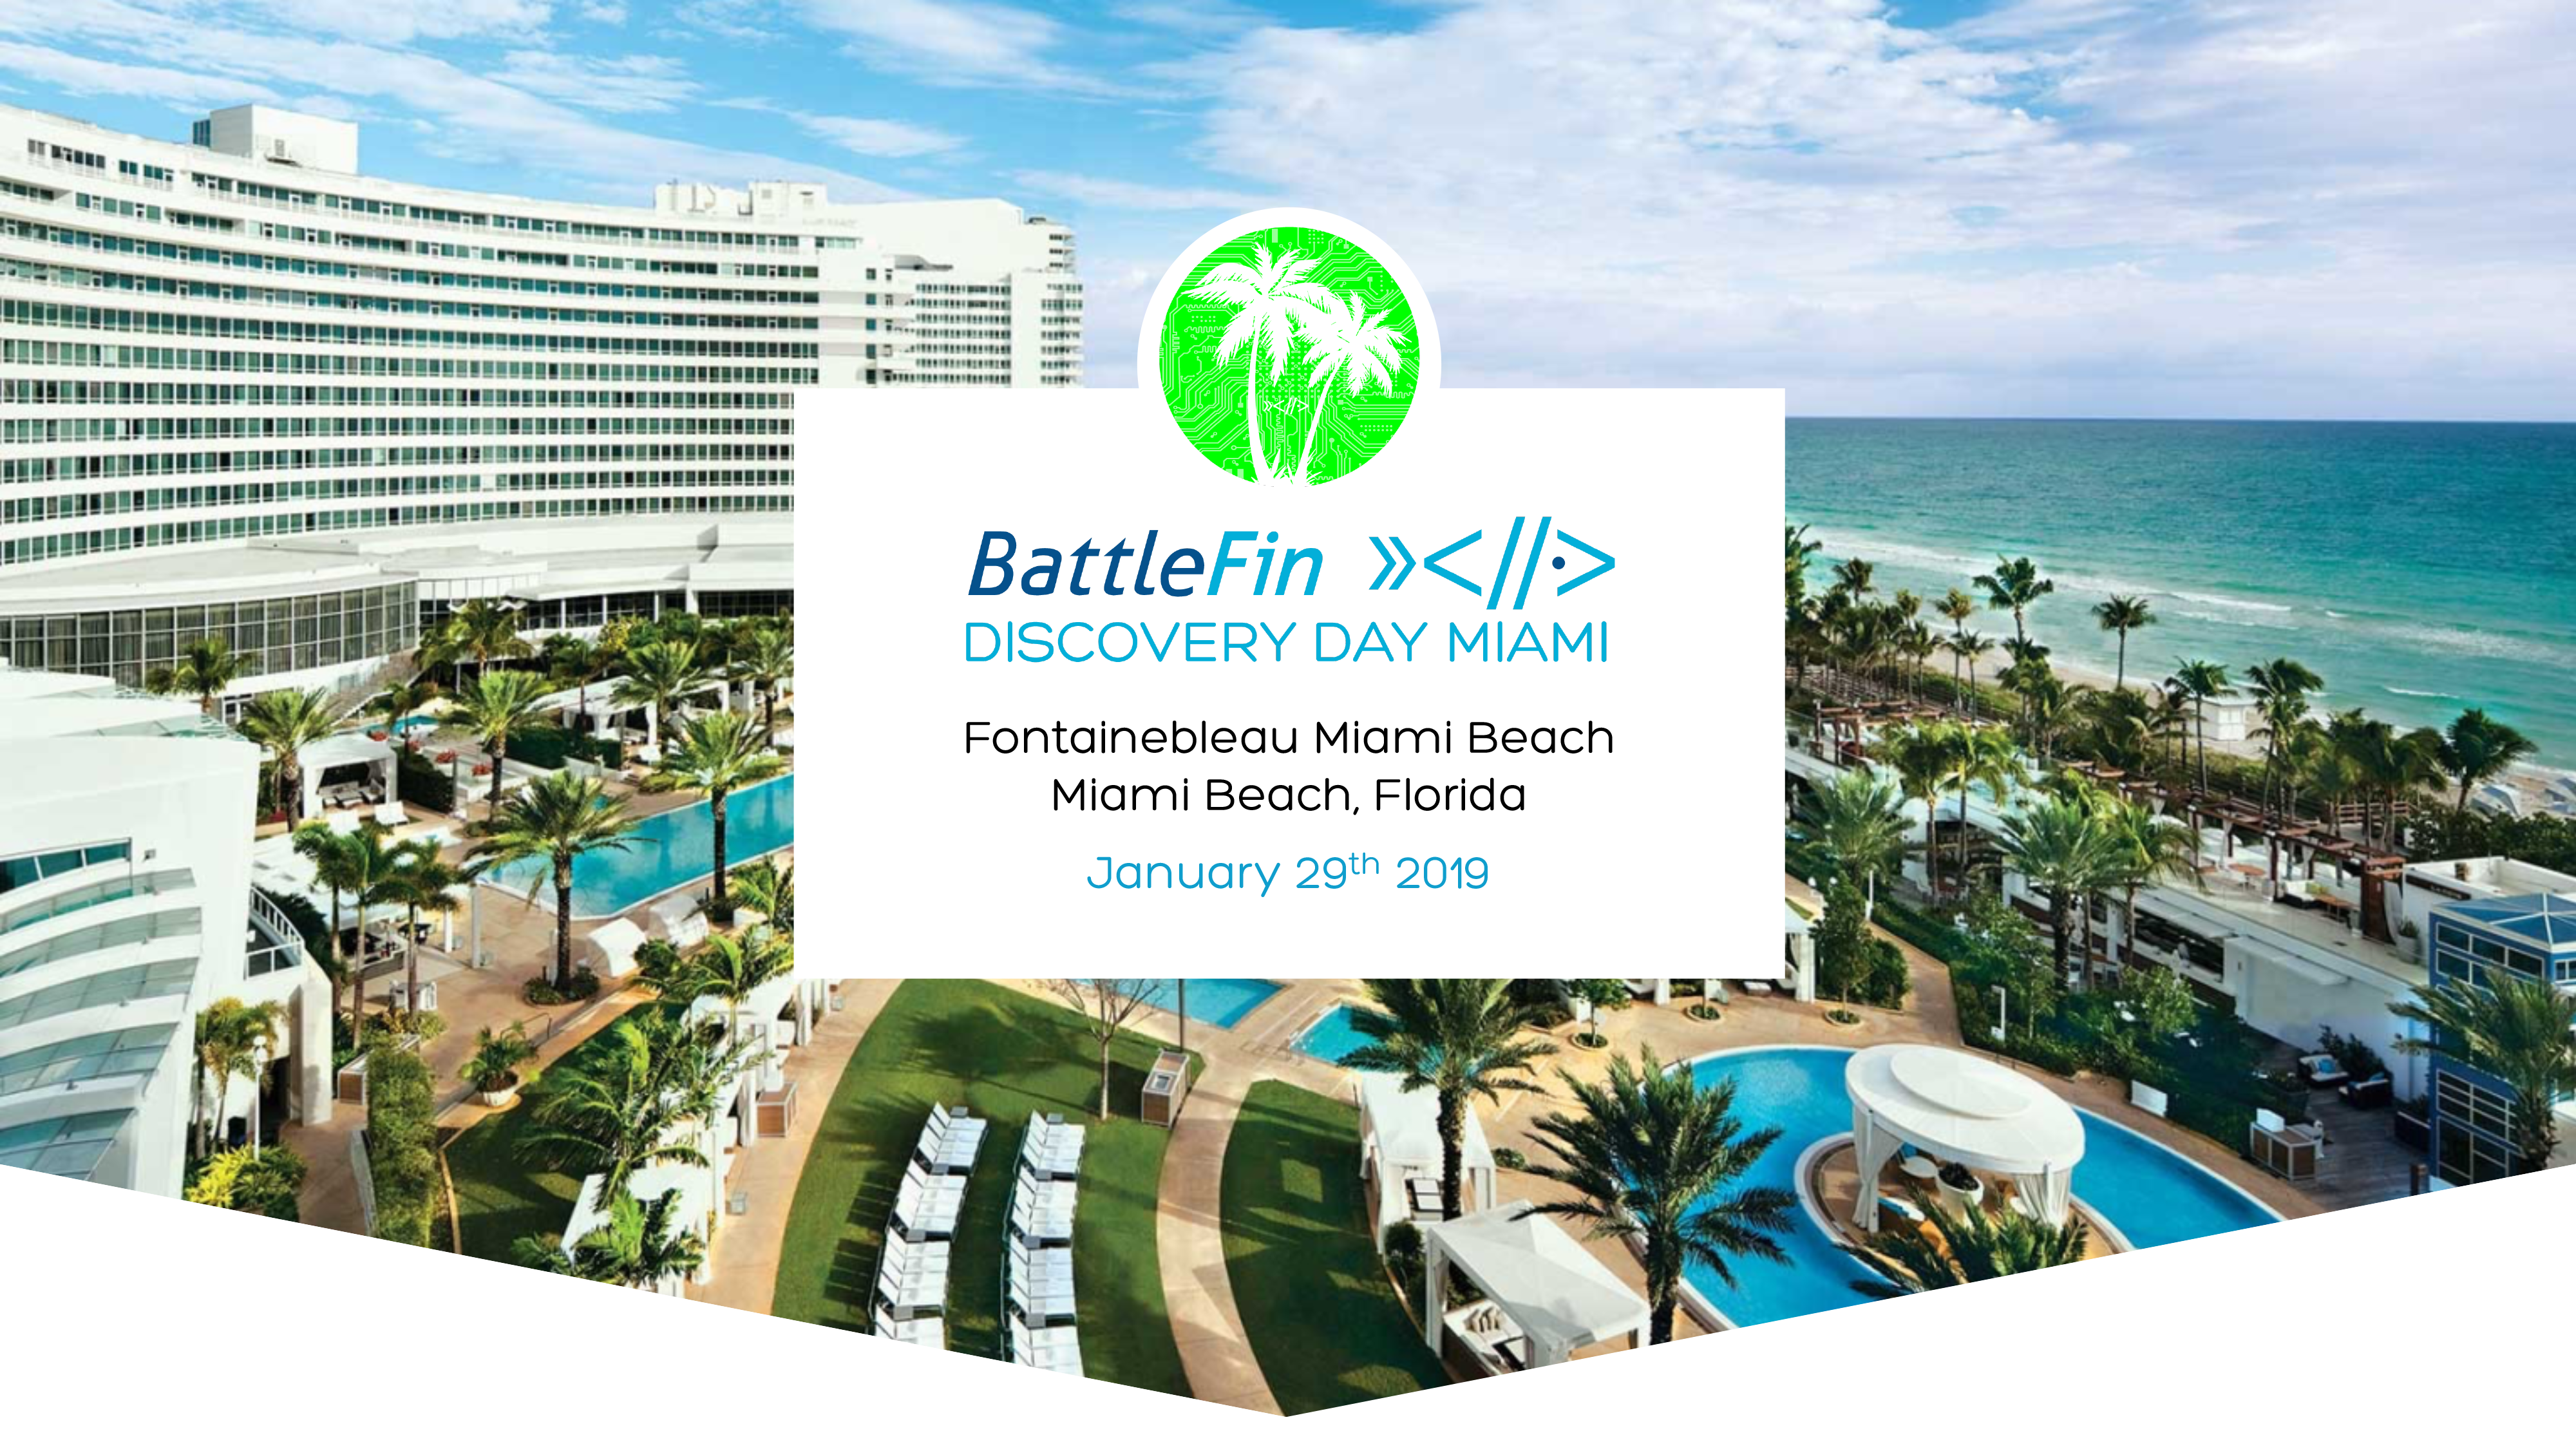 BattleFin Miami 2019